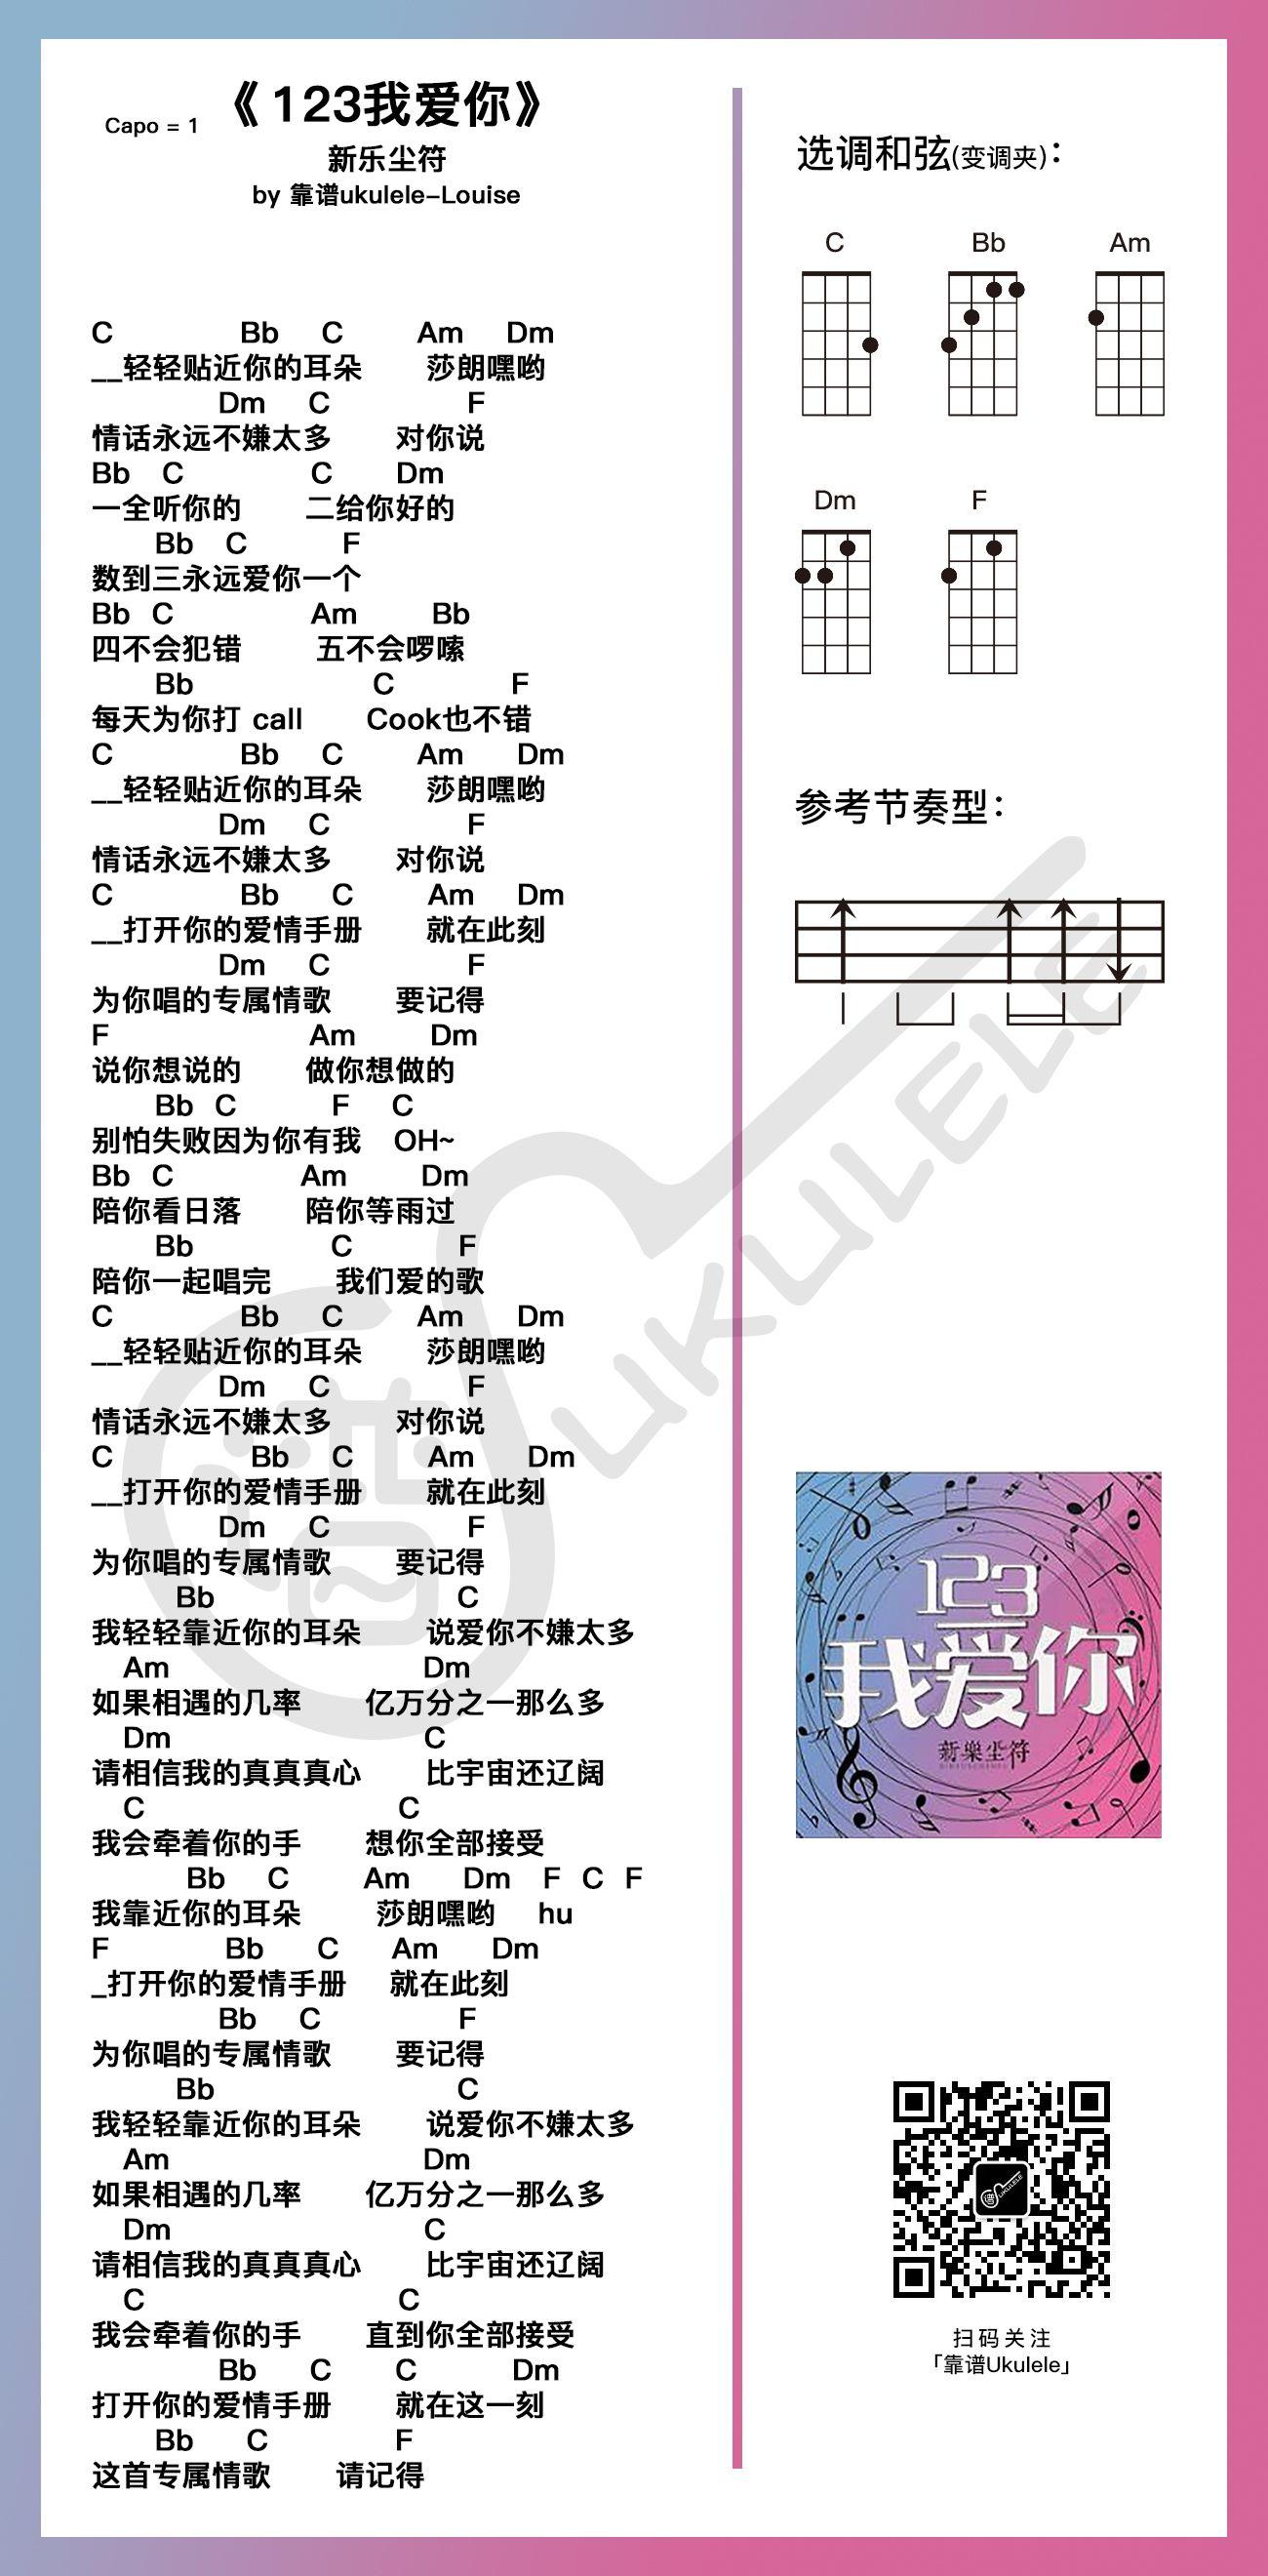 123我爱你 Tiktok Popular Songs Ukulele Chinese Song